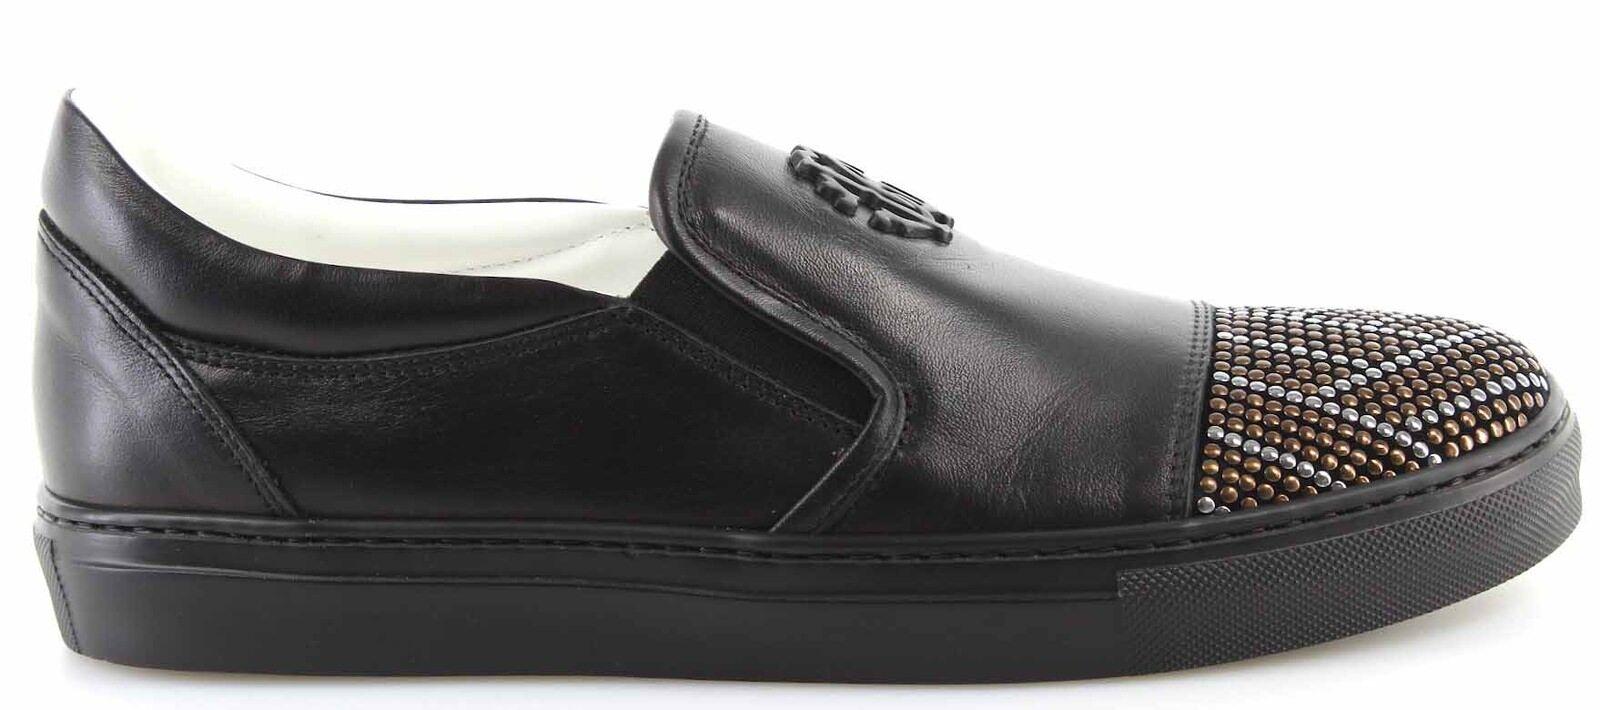 Stiefel aus Wildleder sehen abgenutzt aus, wie bekomme ich